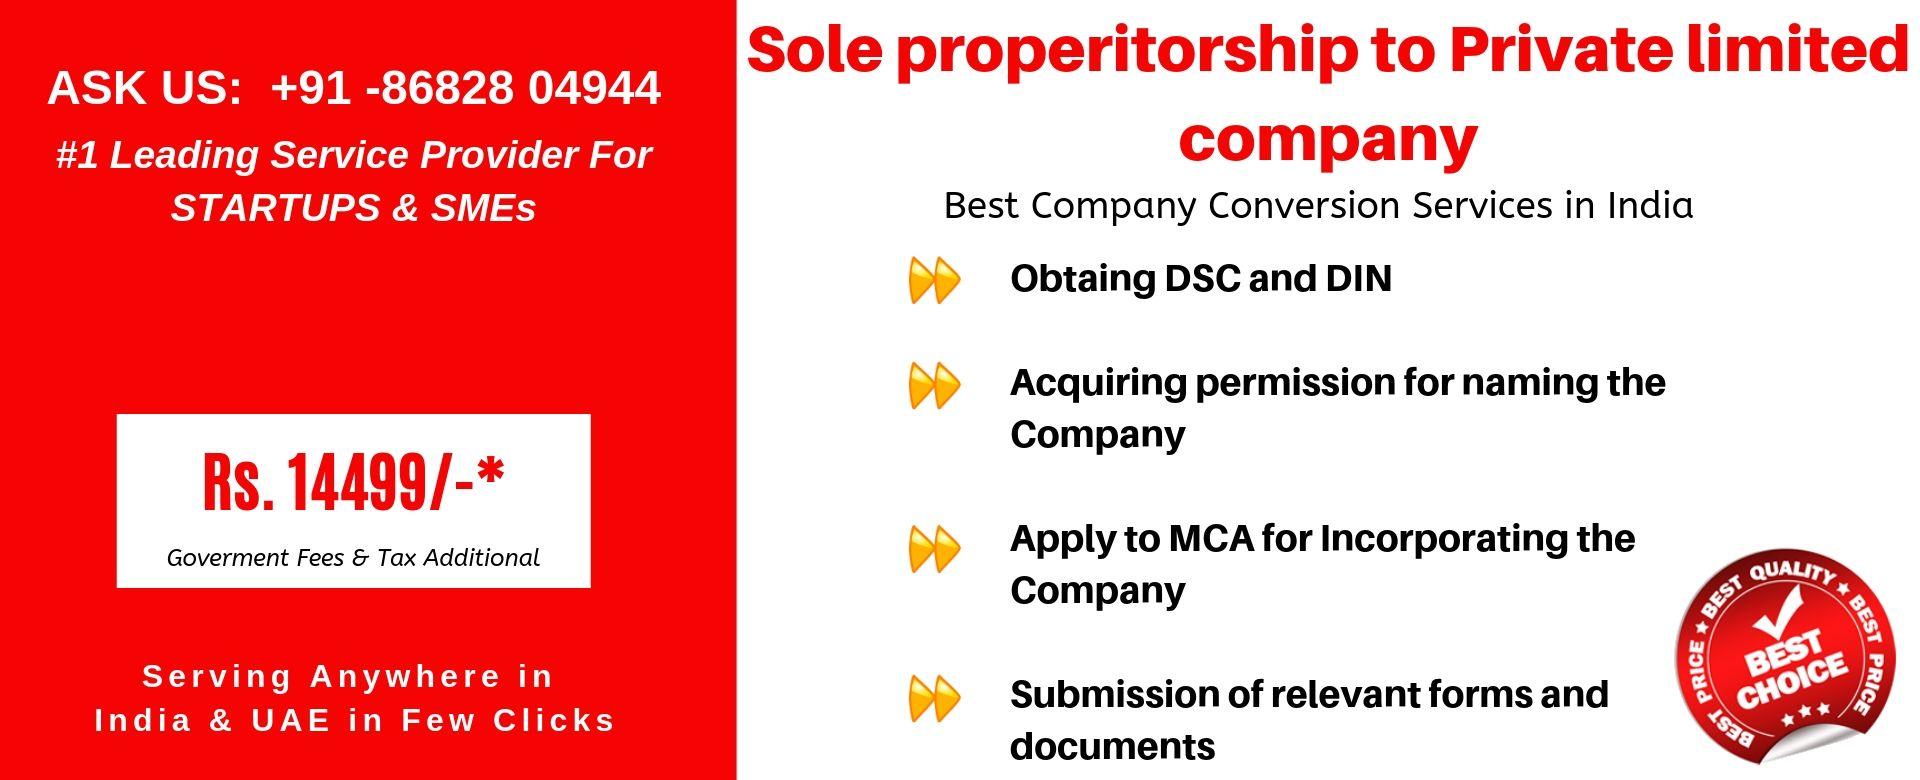 sole properitorship to private limited company in india